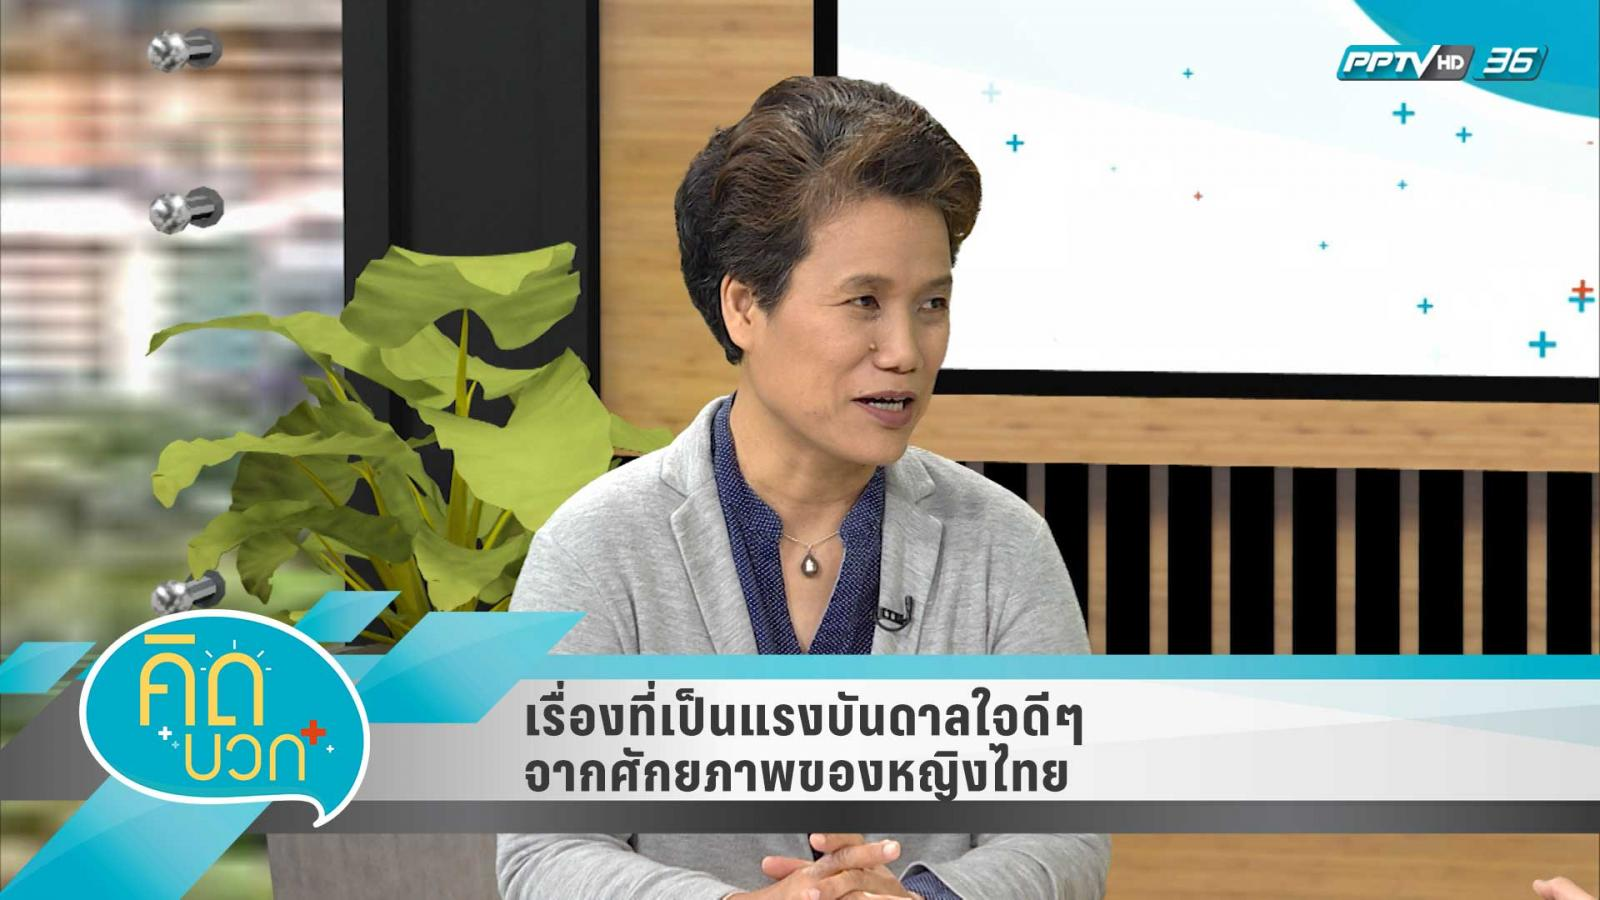 เรื่องที่เป็นแรงบันดาลใจดีๆ จากศักยภาพของหญิงไทย